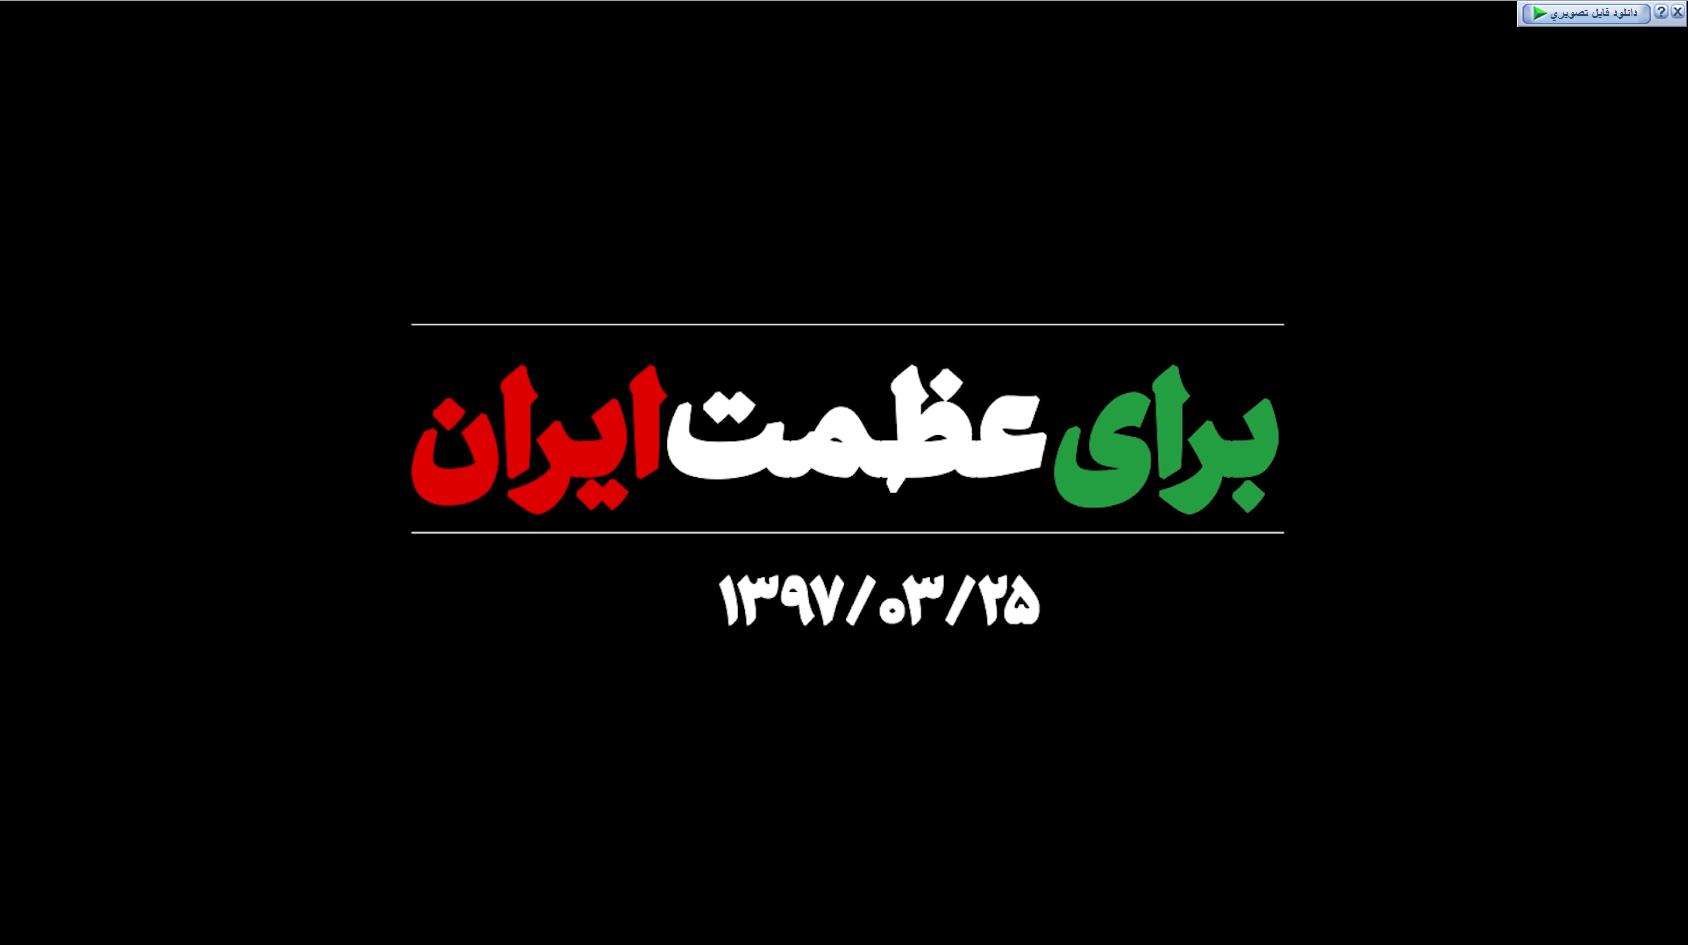 نماهنگ | برای عظمت ایران